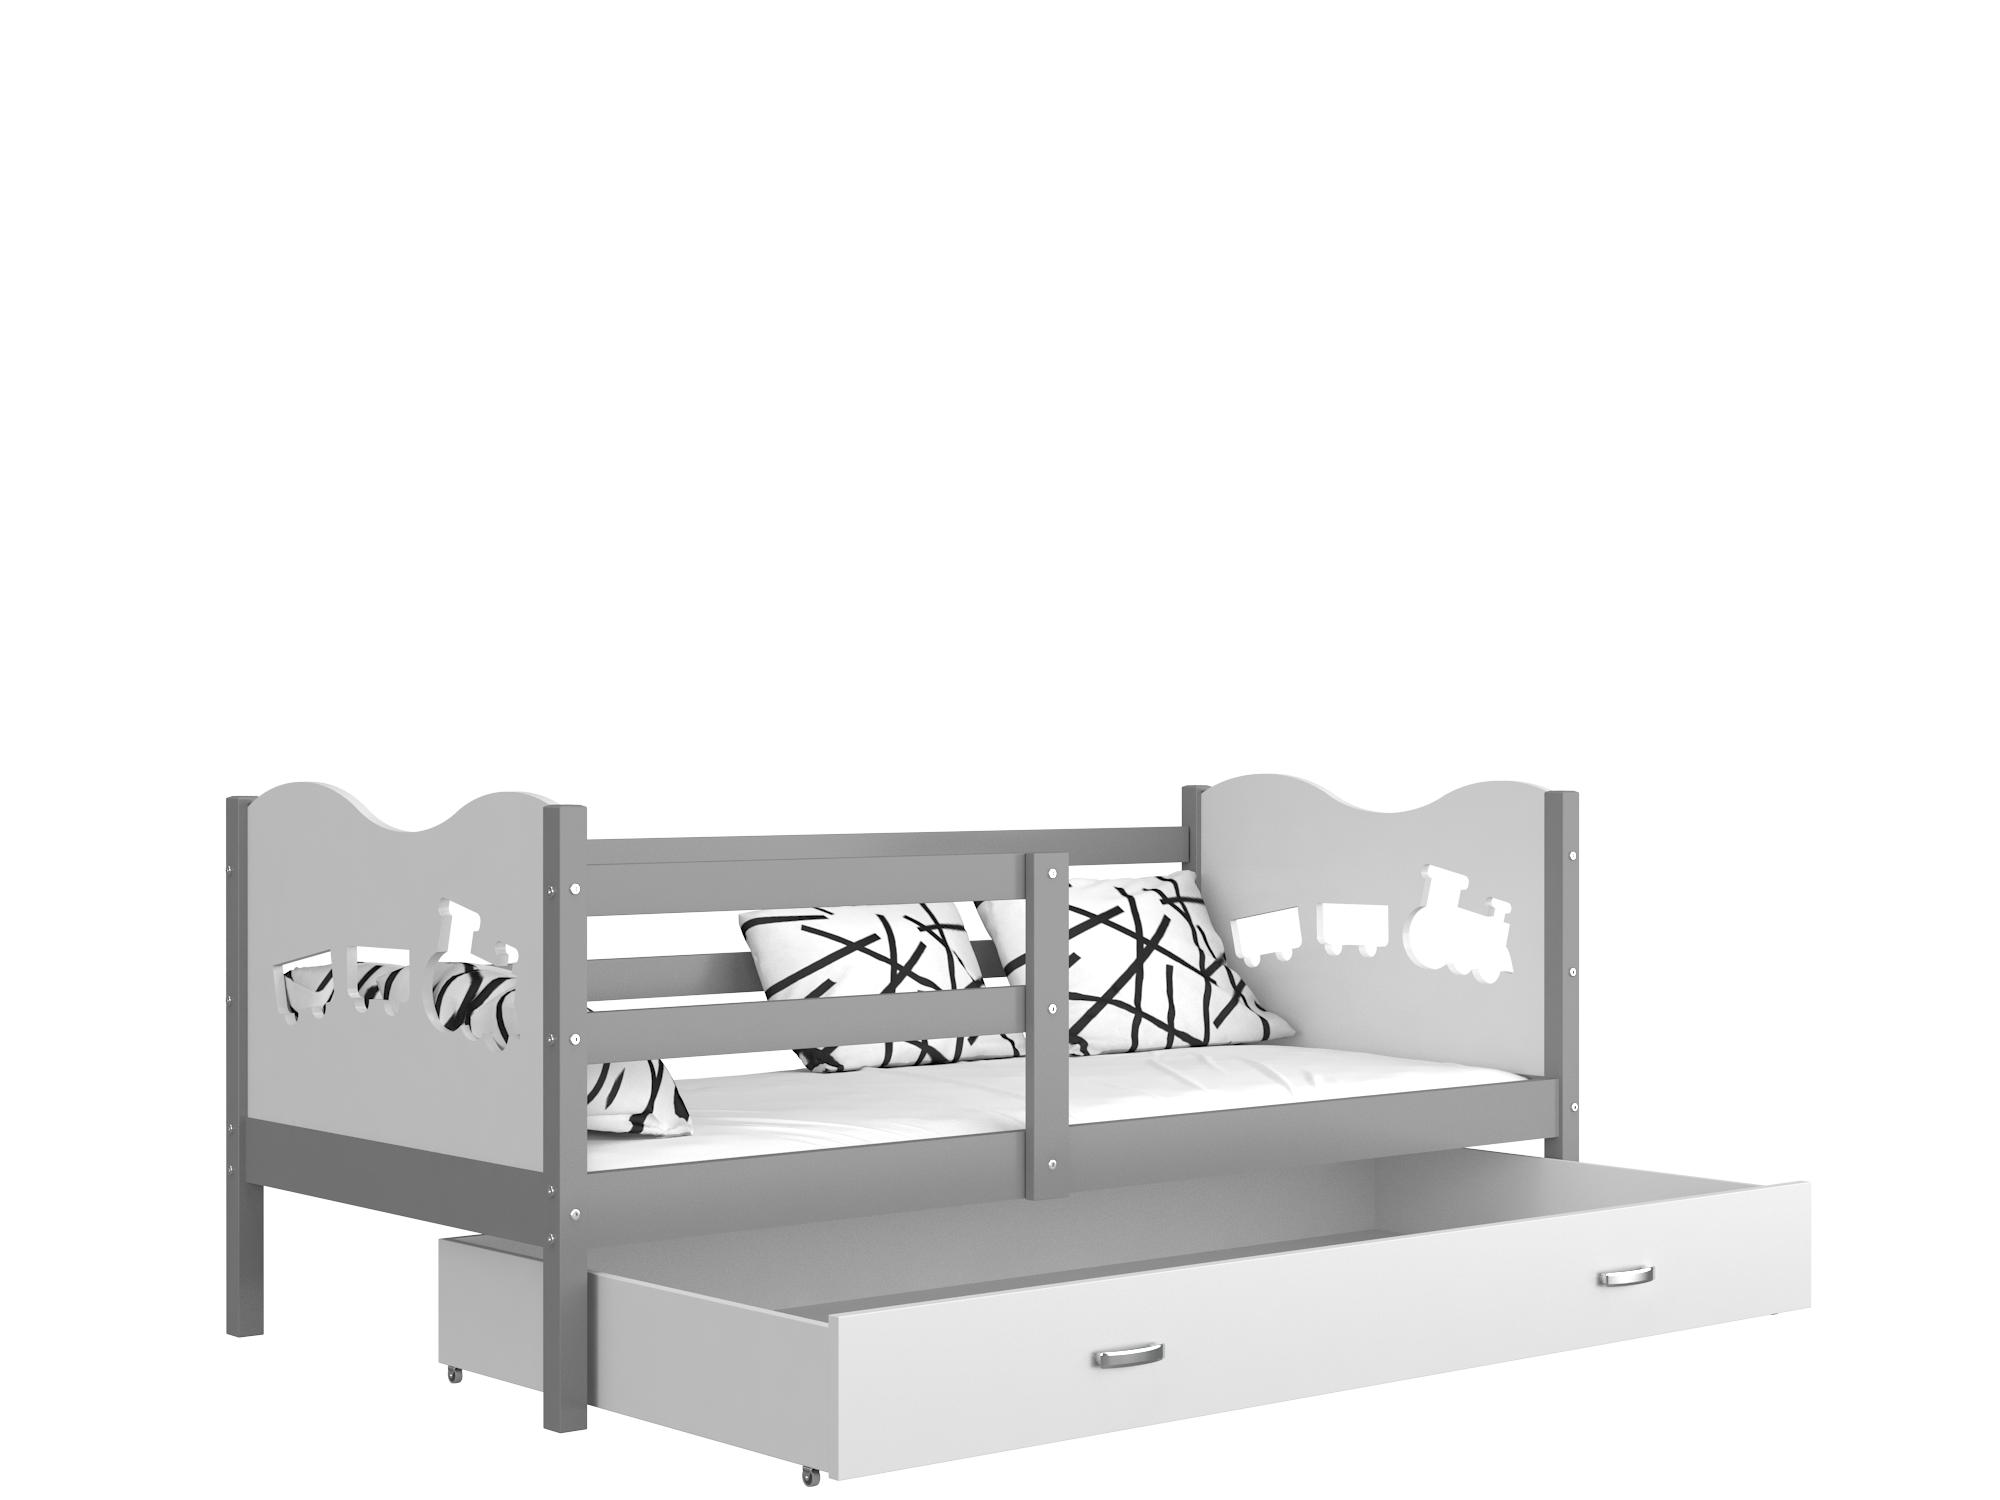 ArtAJ Detská posteľ Max P / MDF 190 x 80 cm Farba: Sivá / biela 190 x 80 cm, Prevedenie: bez matraca